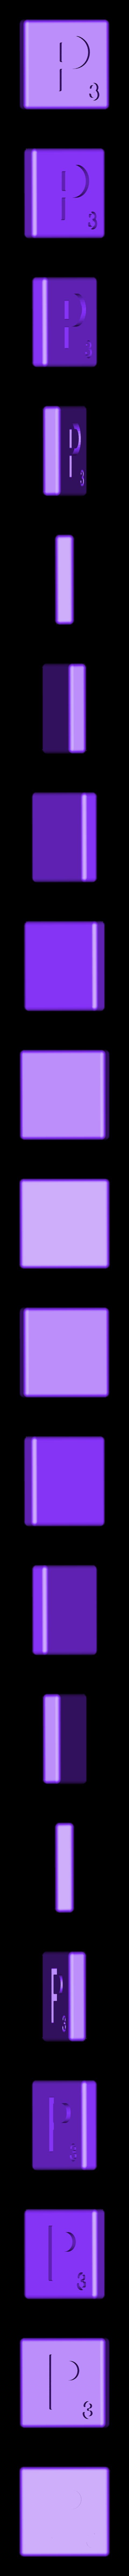 Dual_Shell_P.STL Télécharger fichier STL gratuit Pièces et support SCRABBBLE • Design pour imprimante 3D, Balkhagal4D